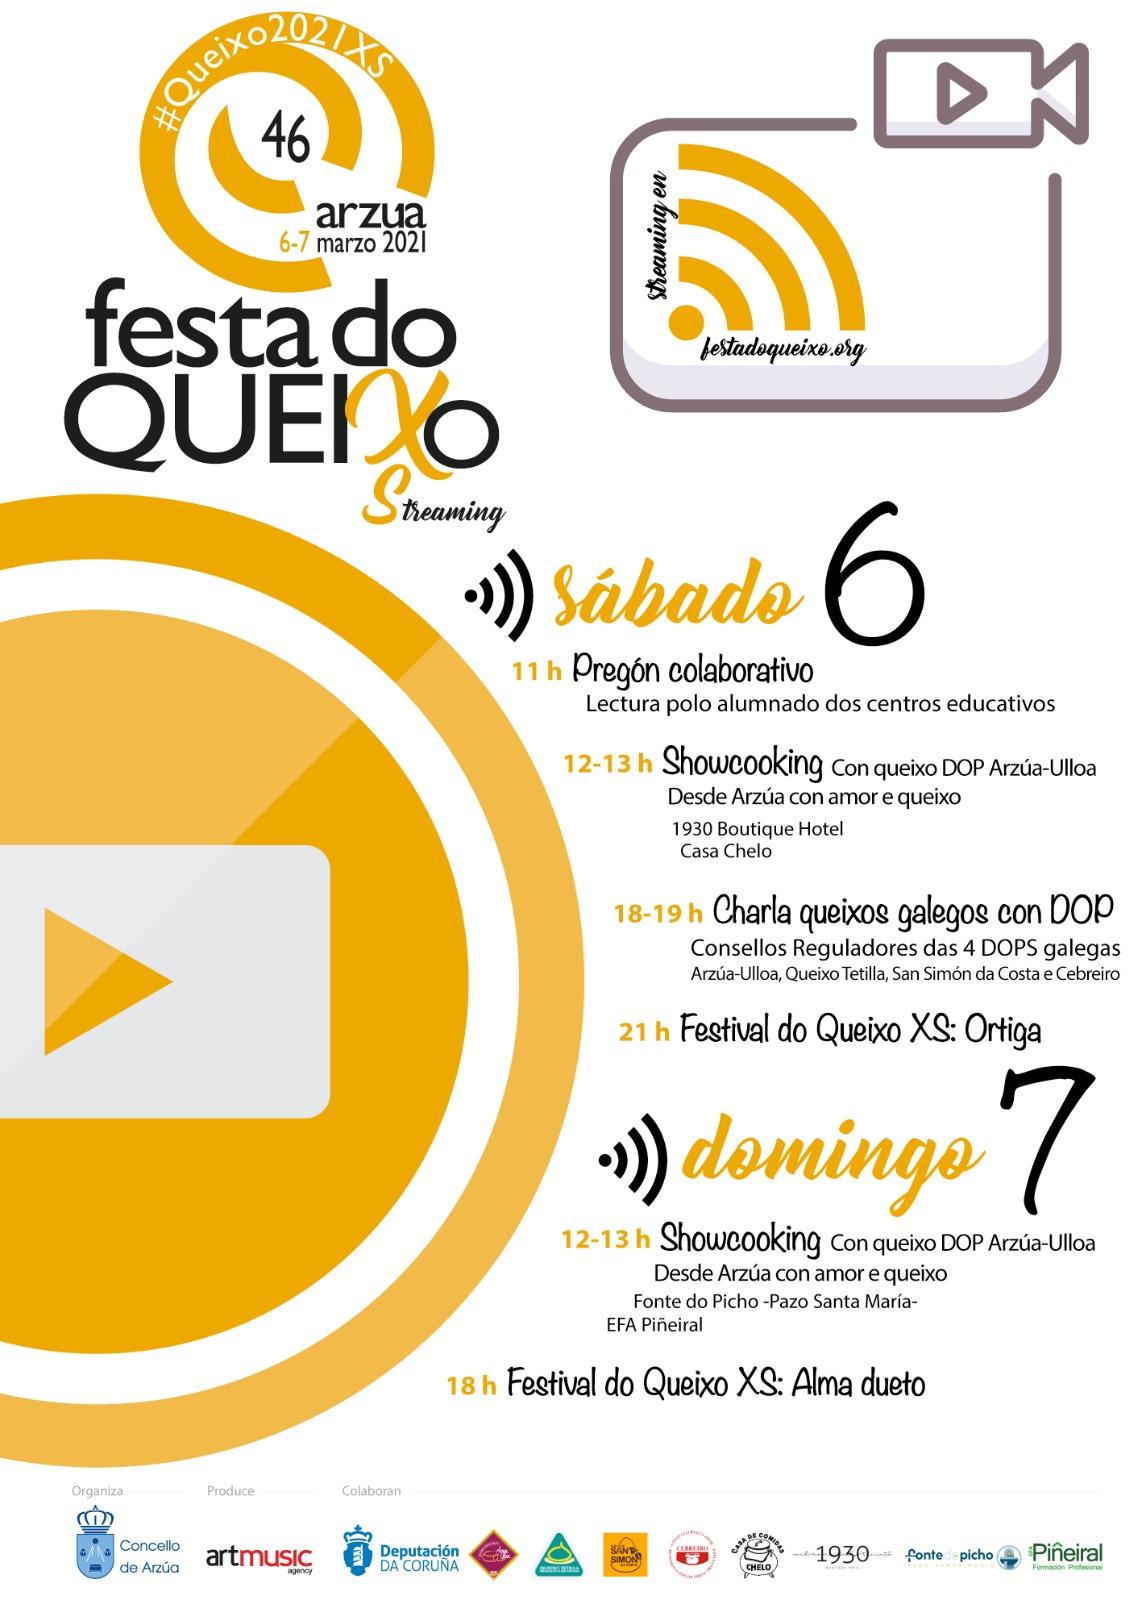 Cartel 46 Festa do Queixo edición XS